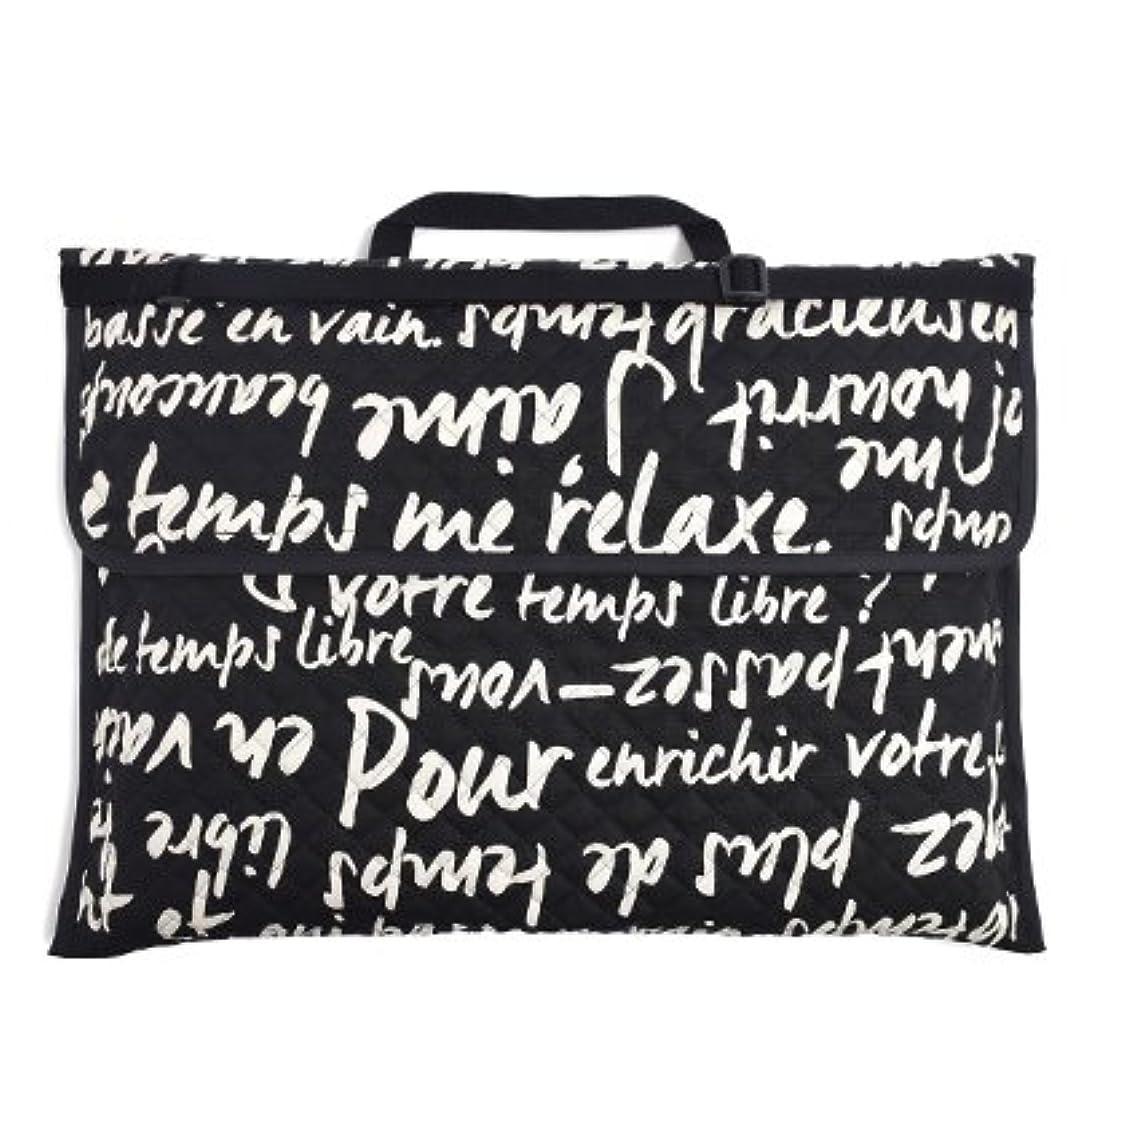 拘束する打ち上げる明確な防災頭巾カバー キルティング 【低学年高学年用:背板幅36cmタイプ】 ラ?パリジェンヌ N4762000